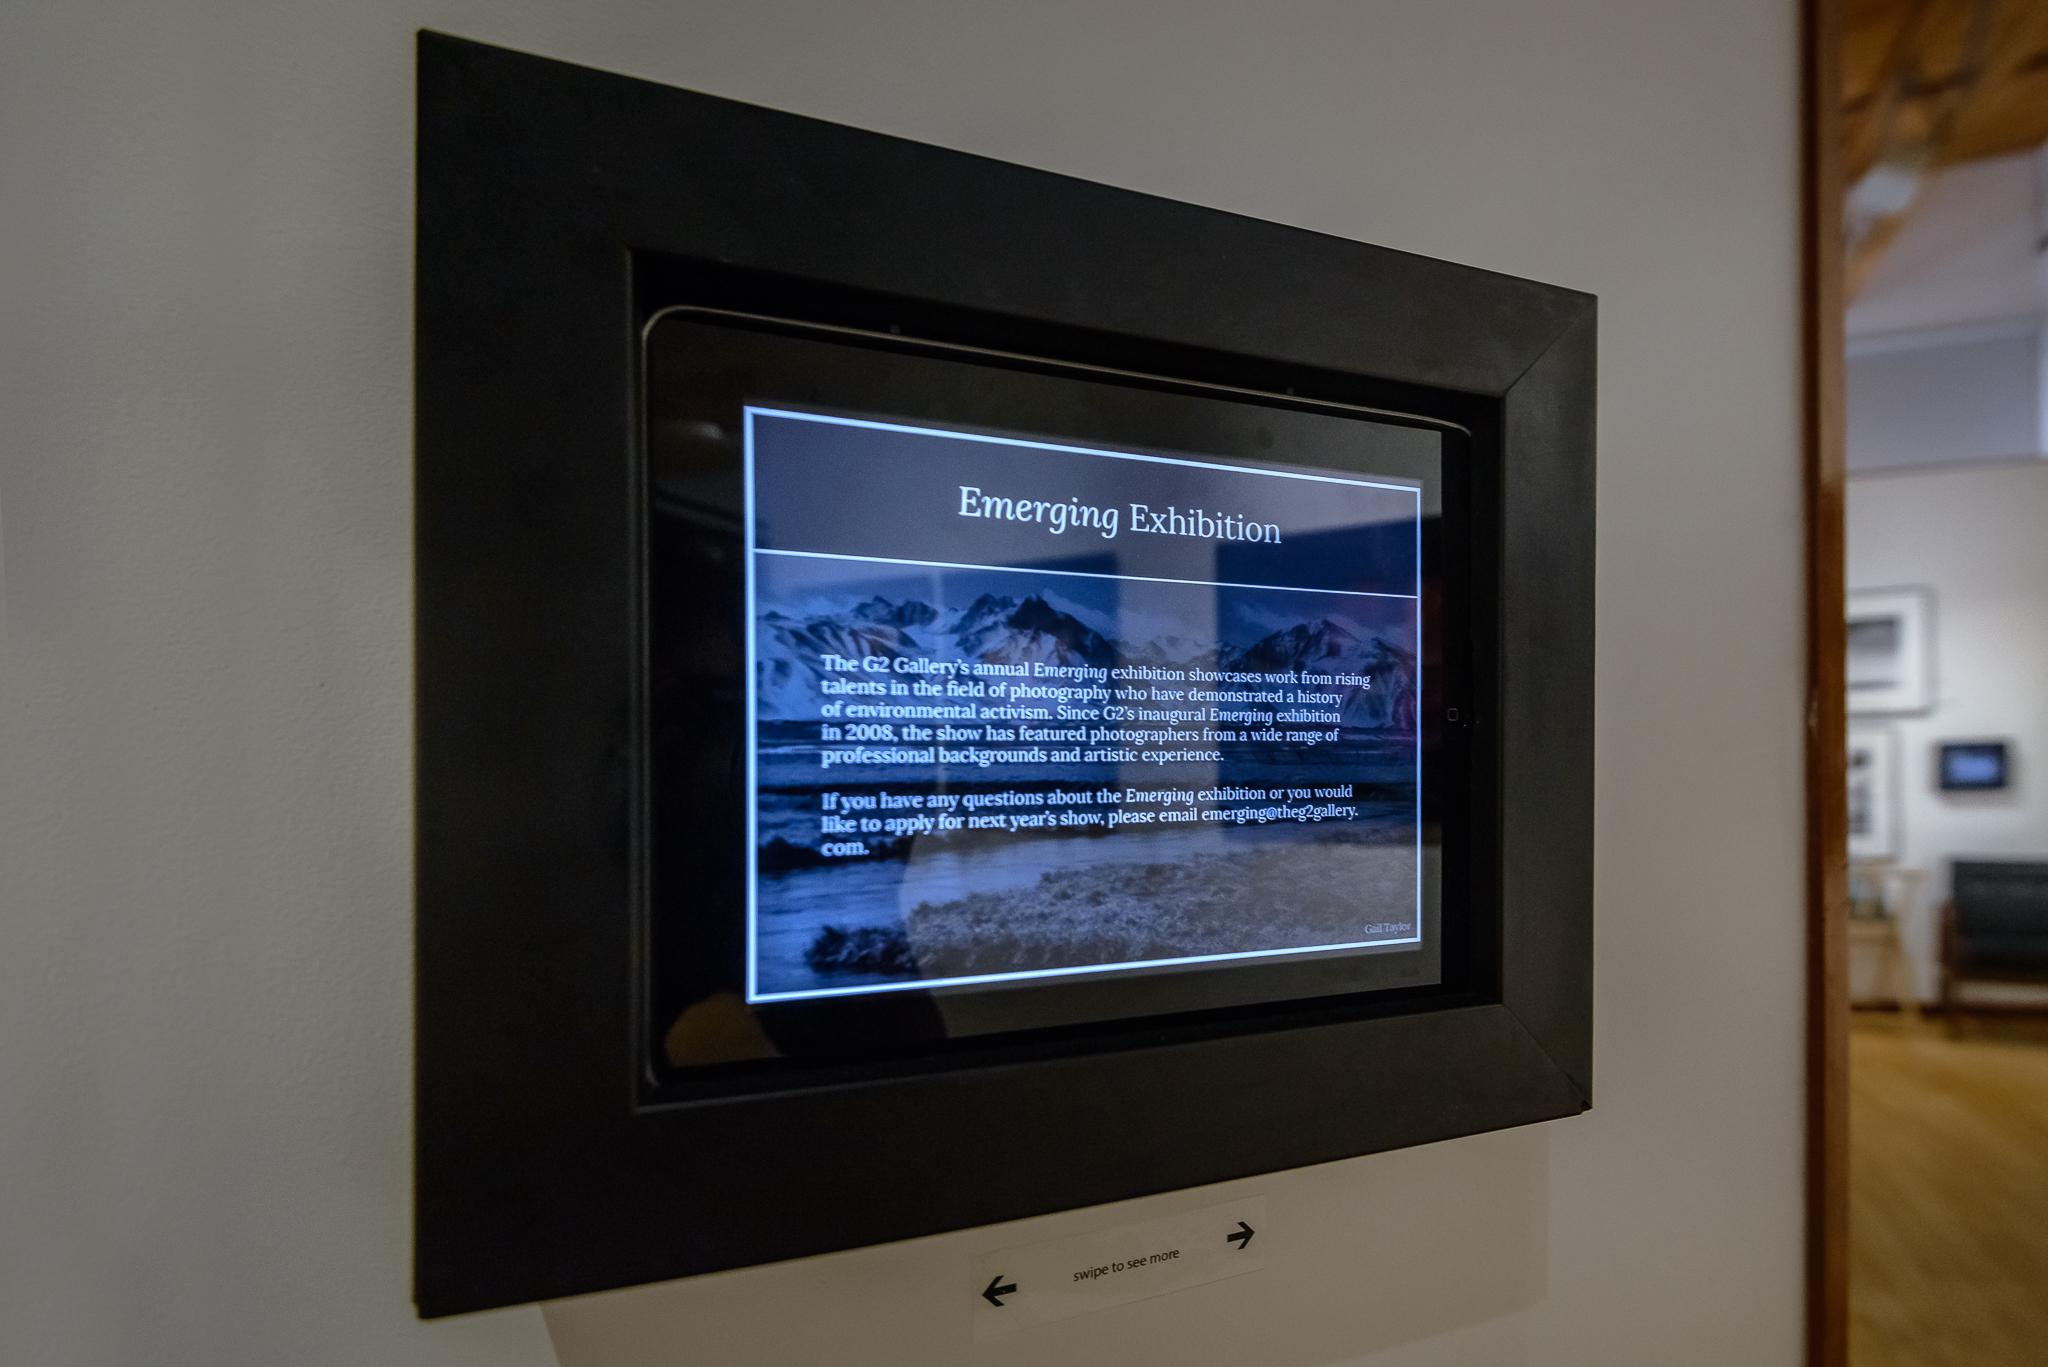 g2_gallery_emerging_exhibit4.jpg